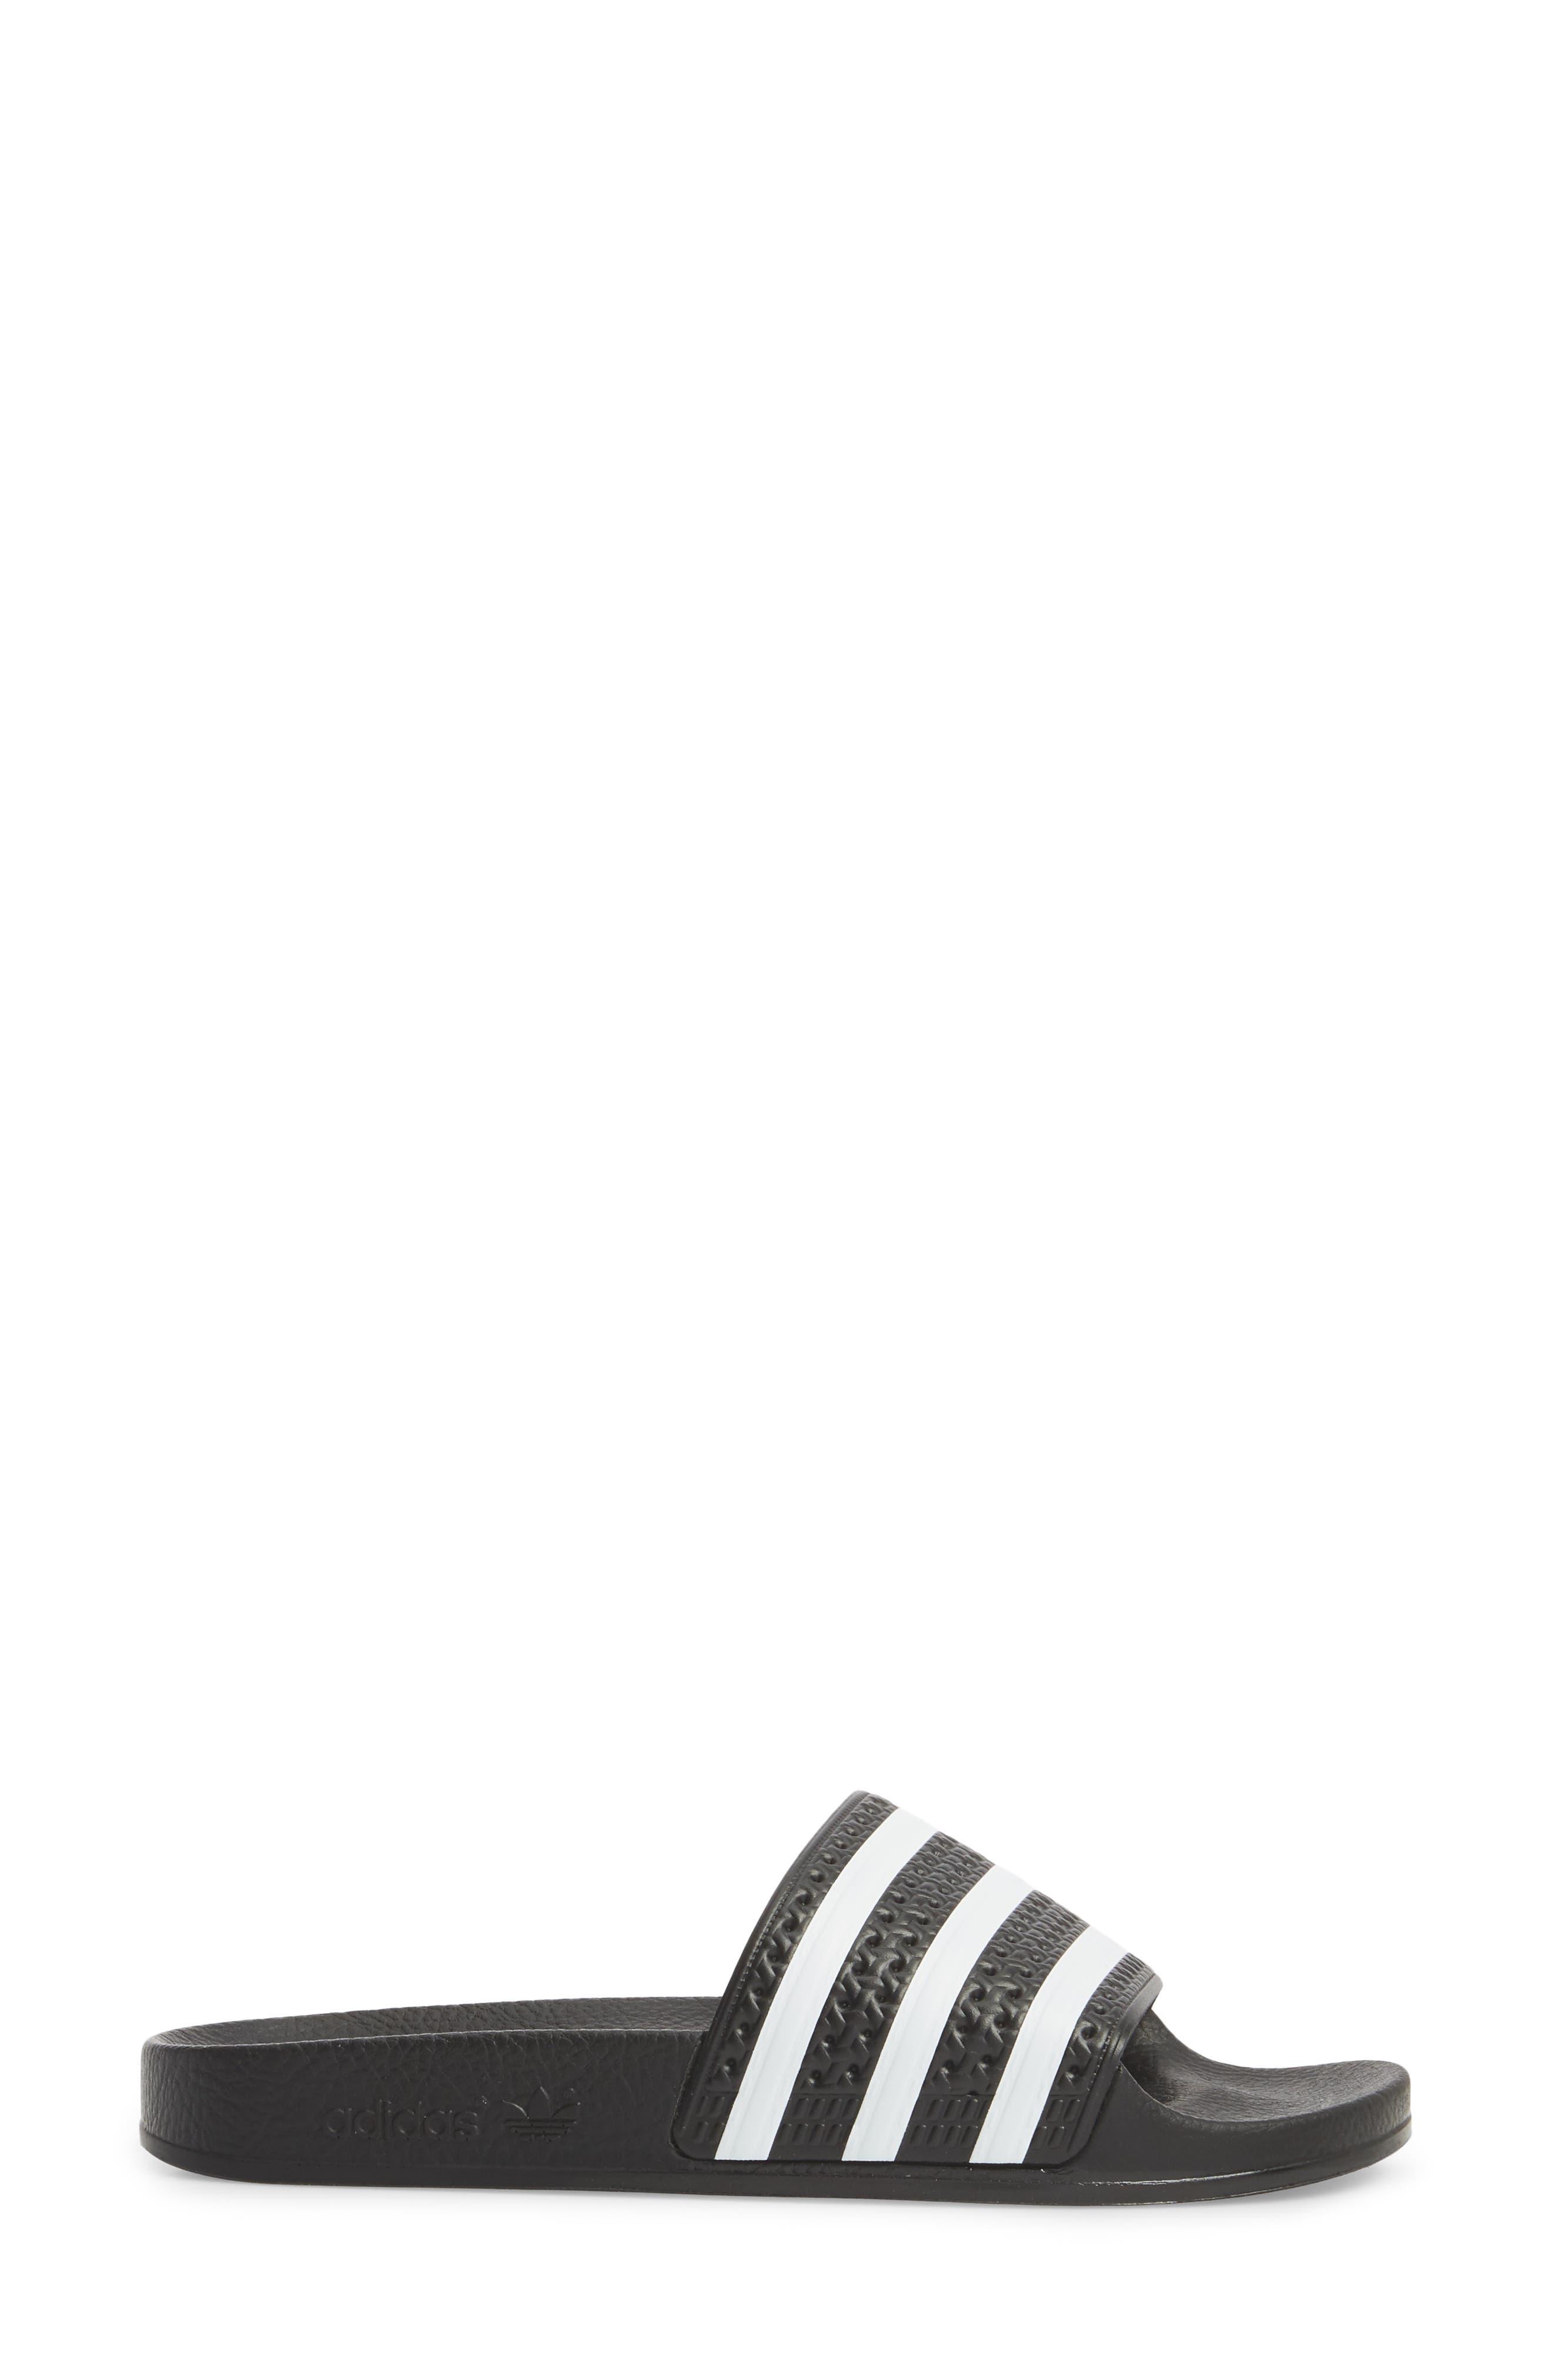 'Adilette' Slide Sandal,                             Alternate thumbnail 3, color,                             CORE BLACK/ WHITE/ CORE BLACK